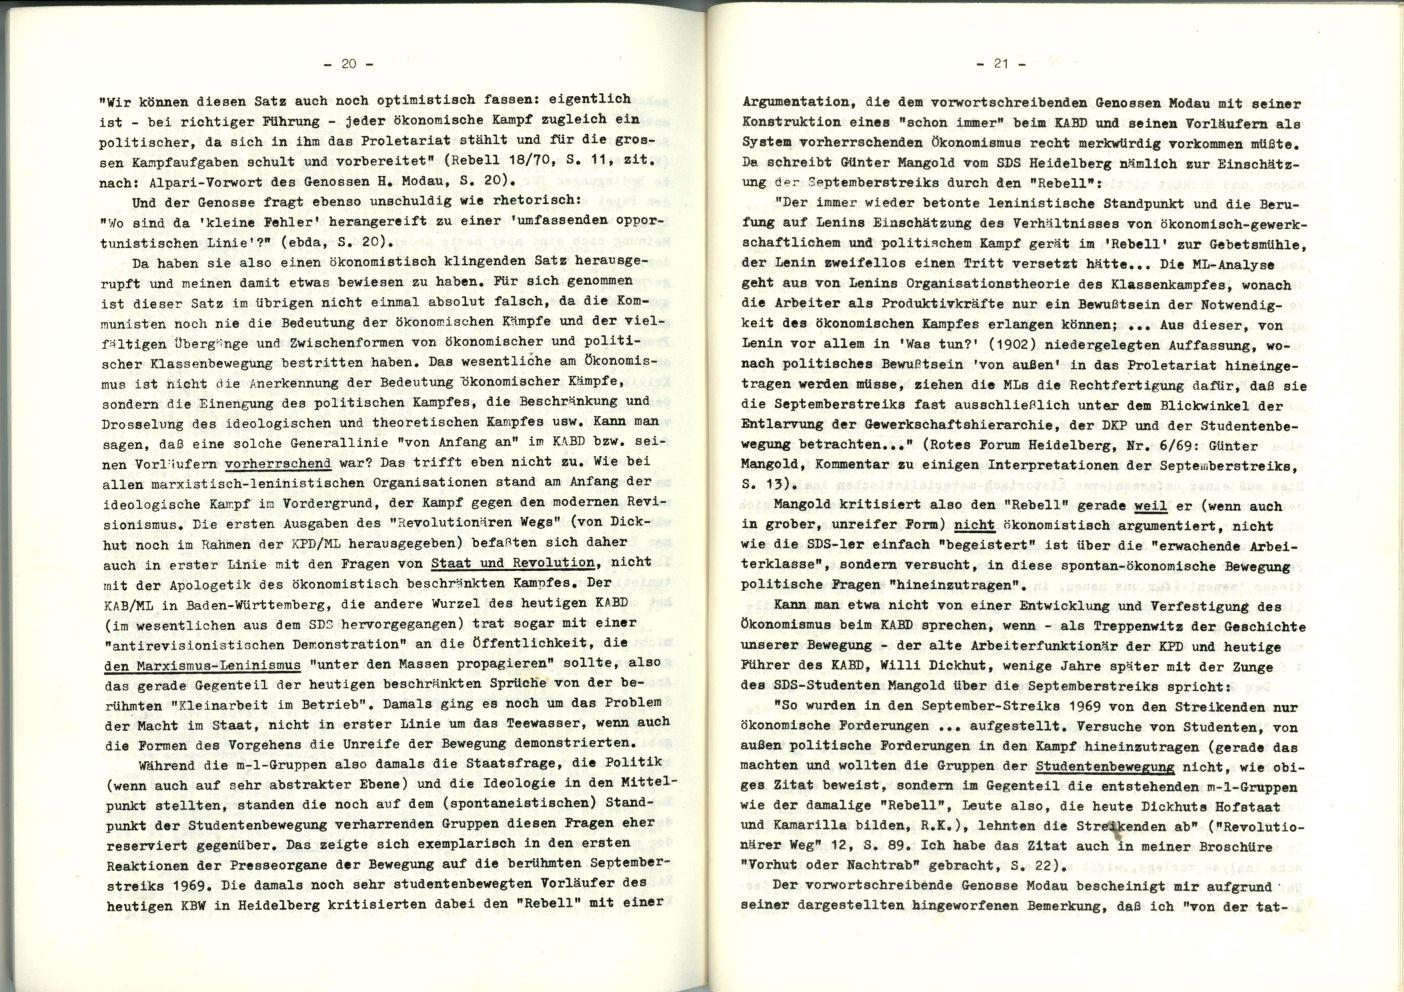 Nuernberg_Fuerth_Erlangen_ML_Diskussionsbeitraege_1979_02_11